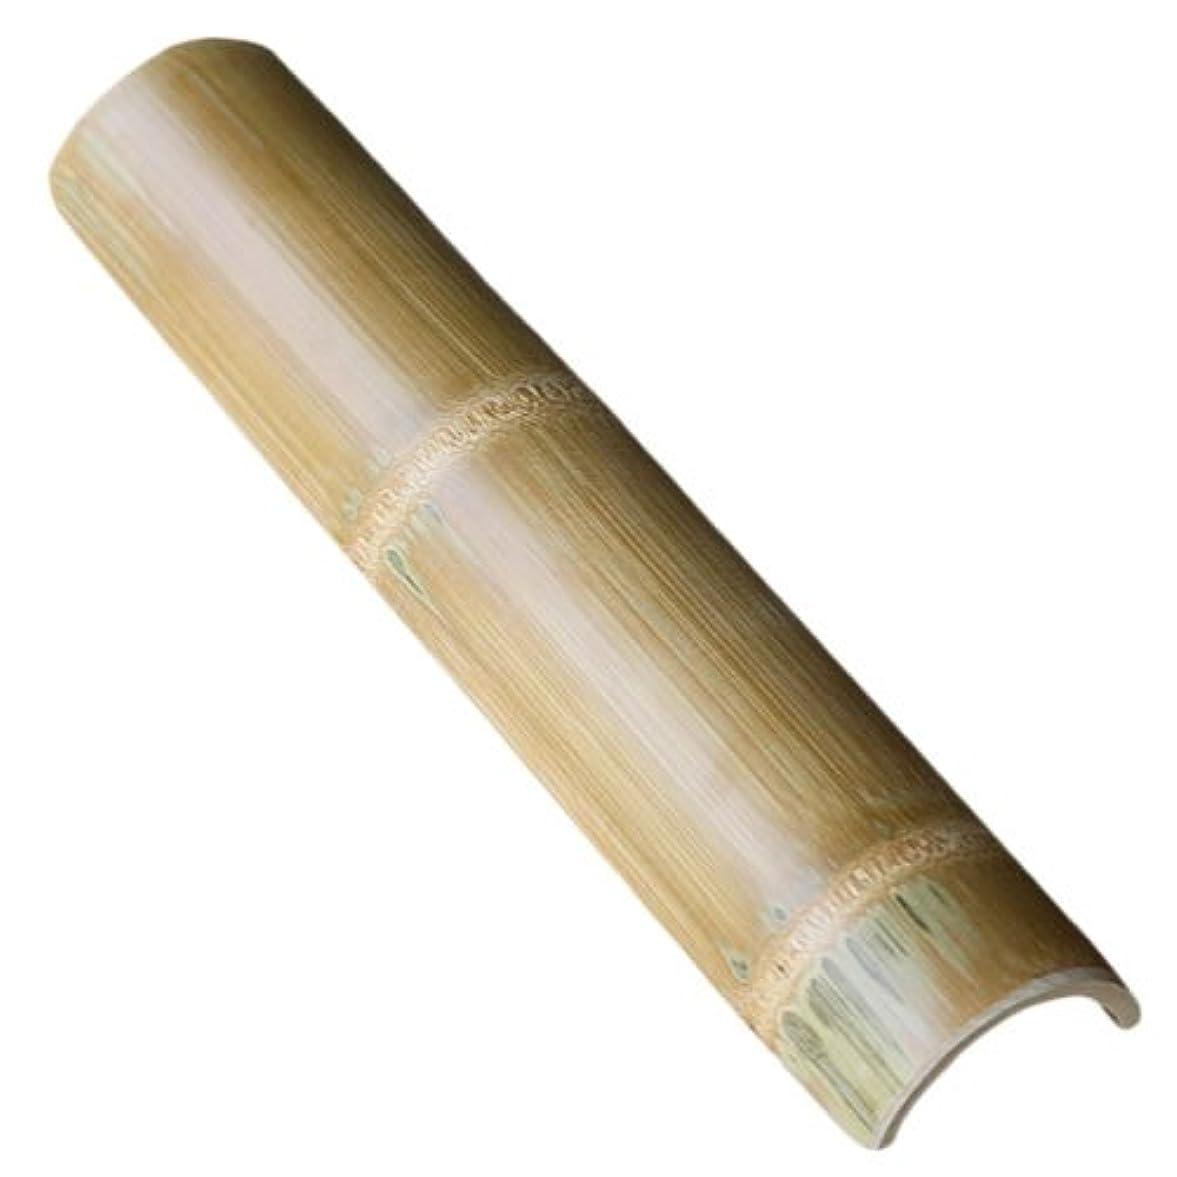 特権不愉快に故意の【国産】青竹を炭化加工して防虫、防カビ効果を向上させて美しく磨き上げています竹踏み(炭化竹)